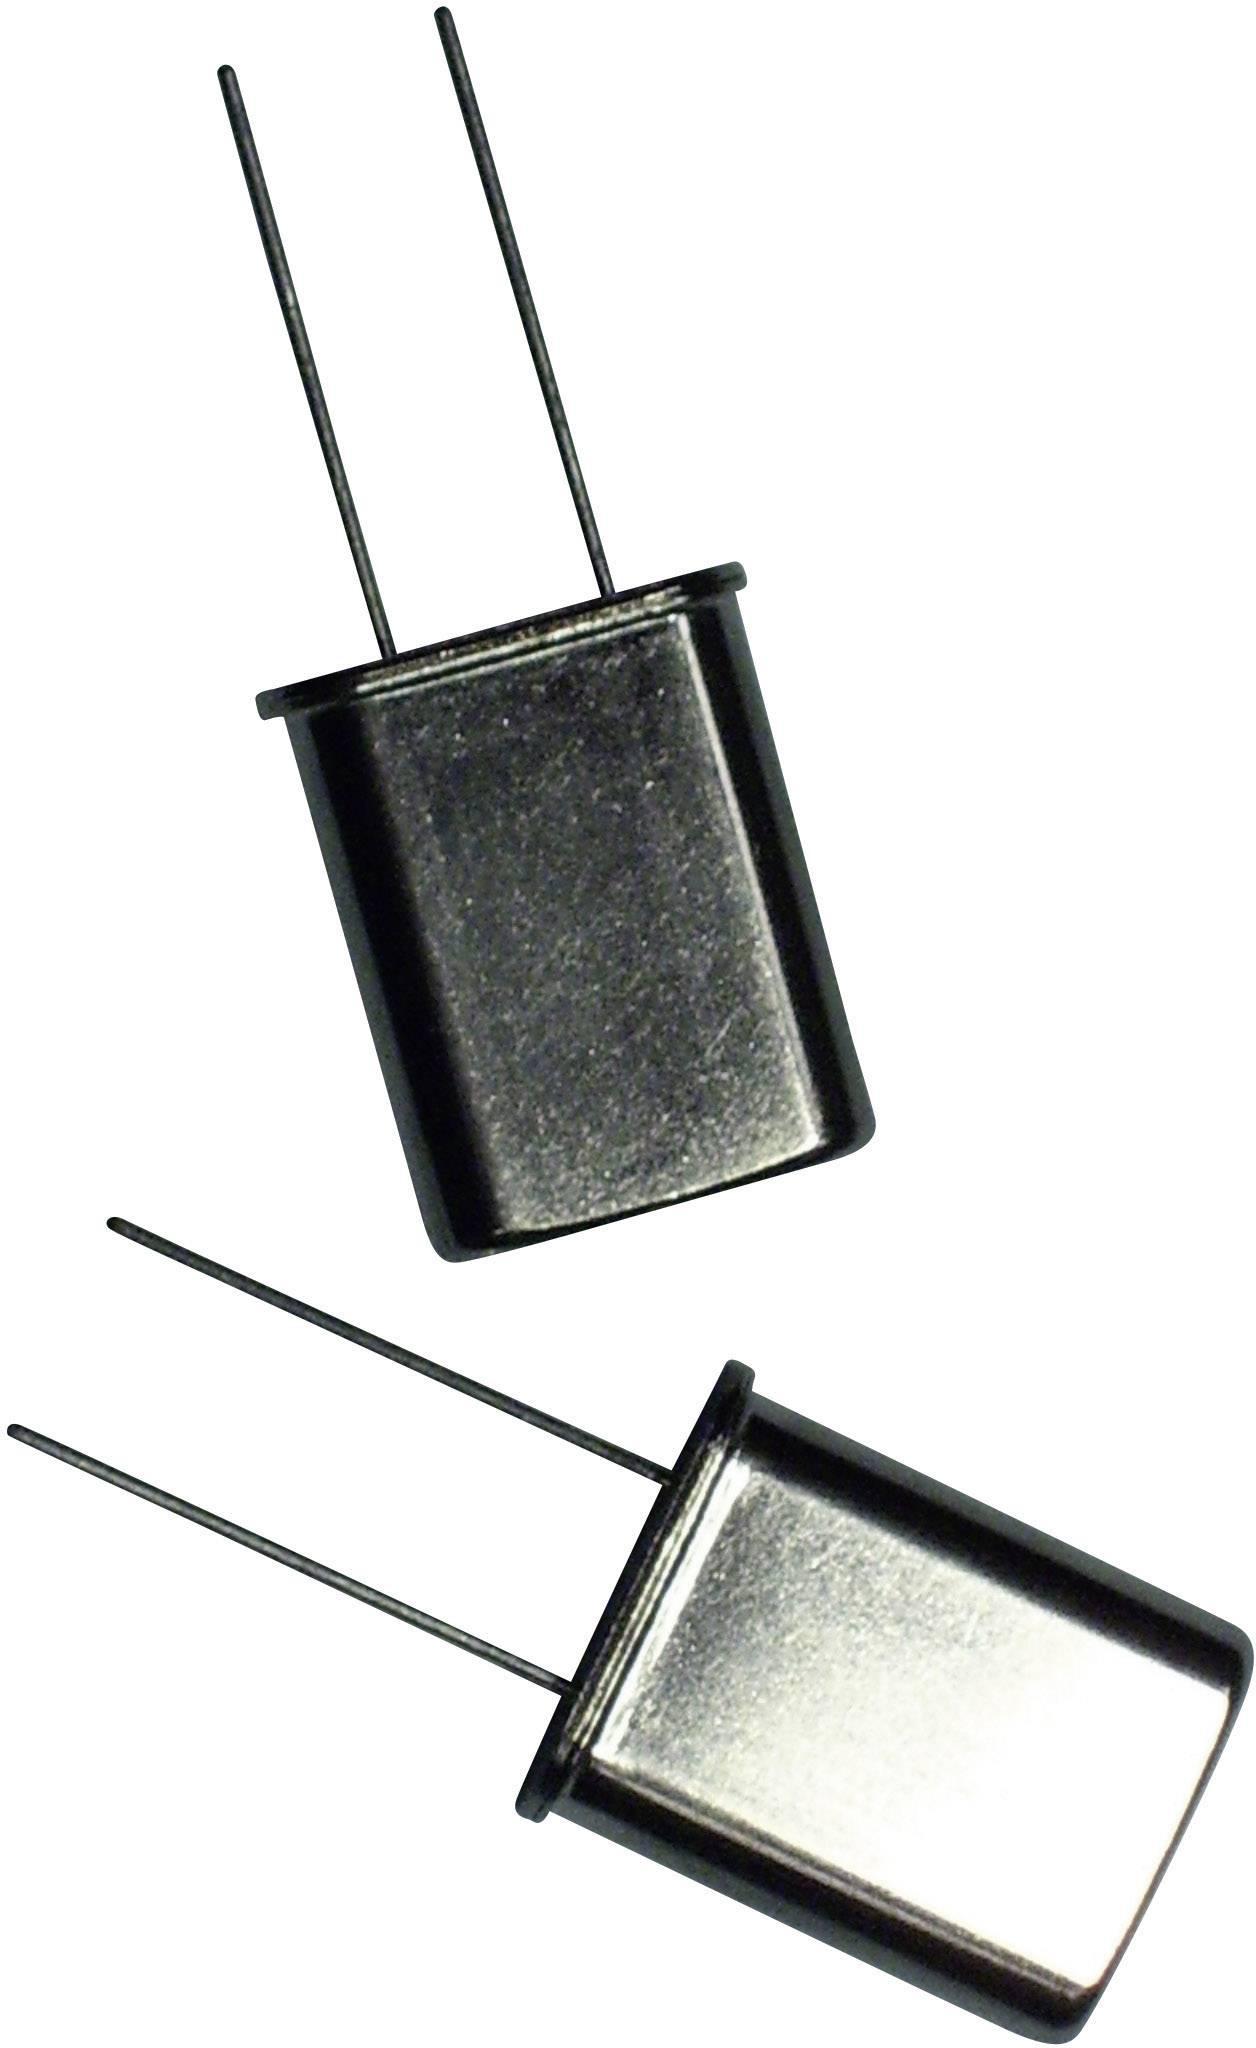 Krystal EuroQuartz, 4 MHz, HC49, 30/50/40/18PF/ATF